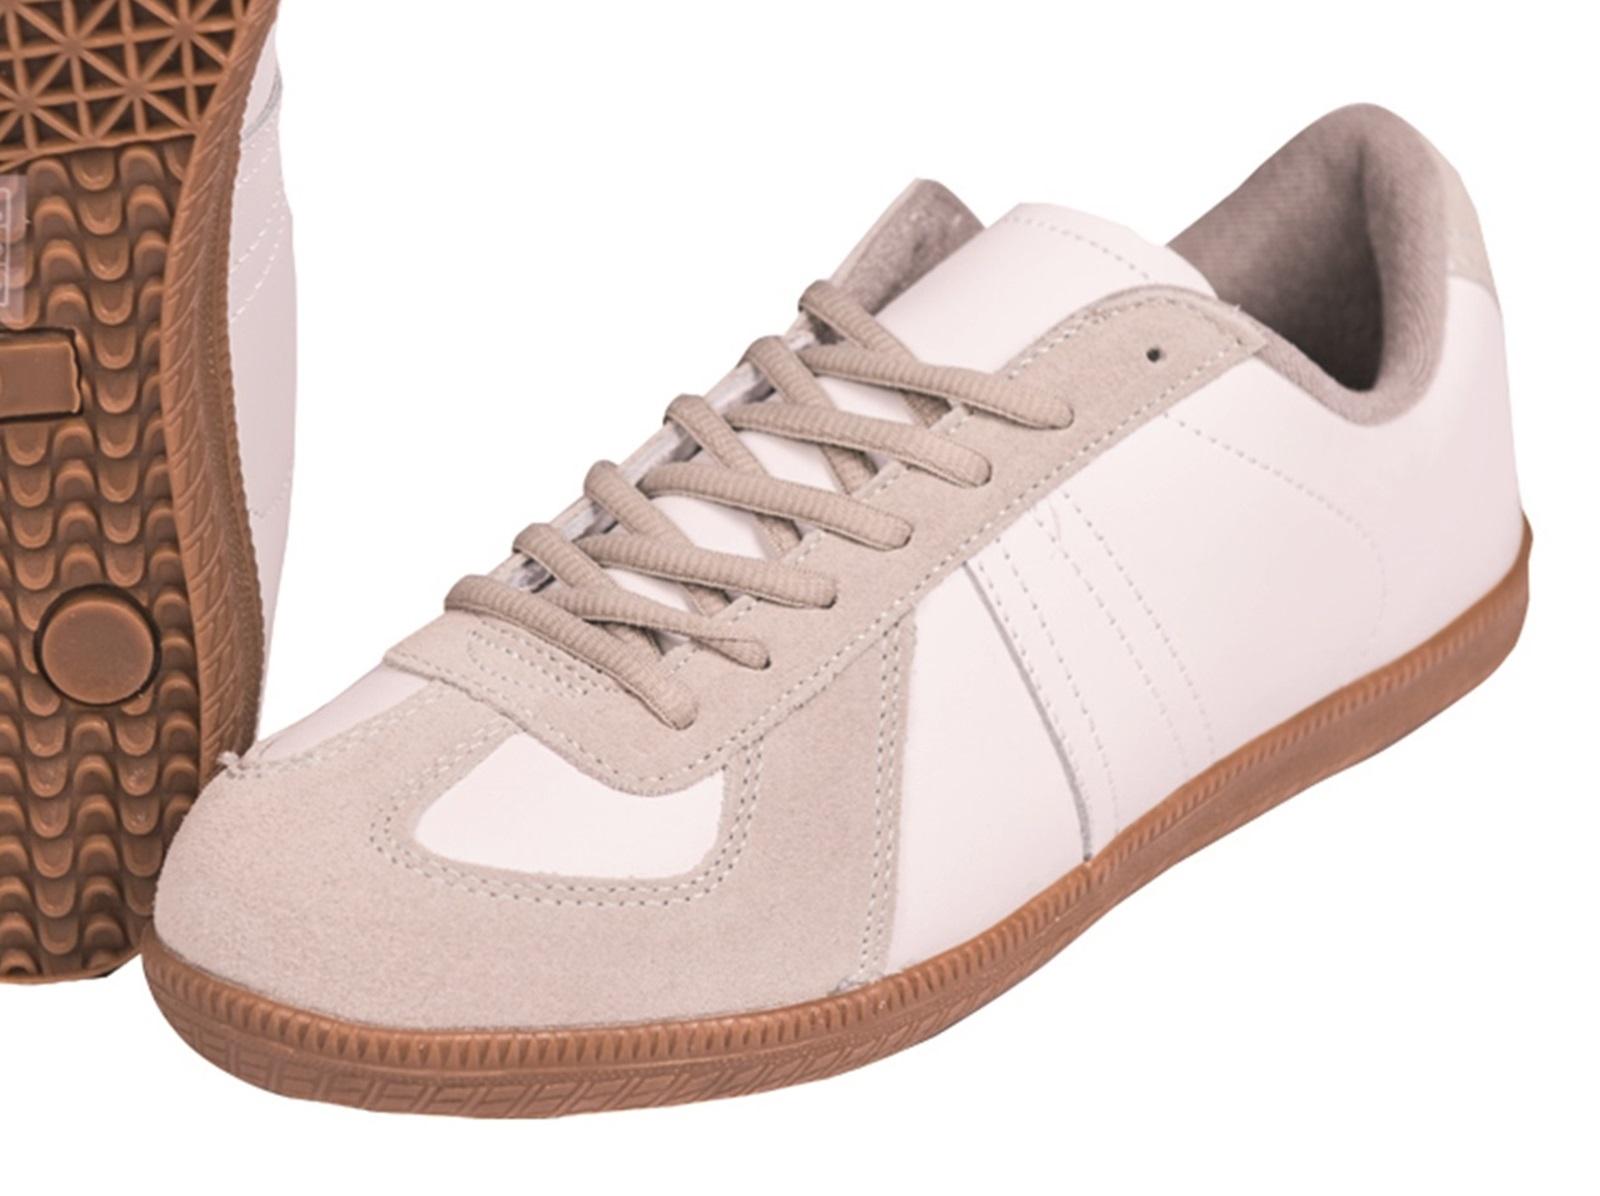 Sportschuh Hallenschuh BW Style Freizeitschuh Sneaker